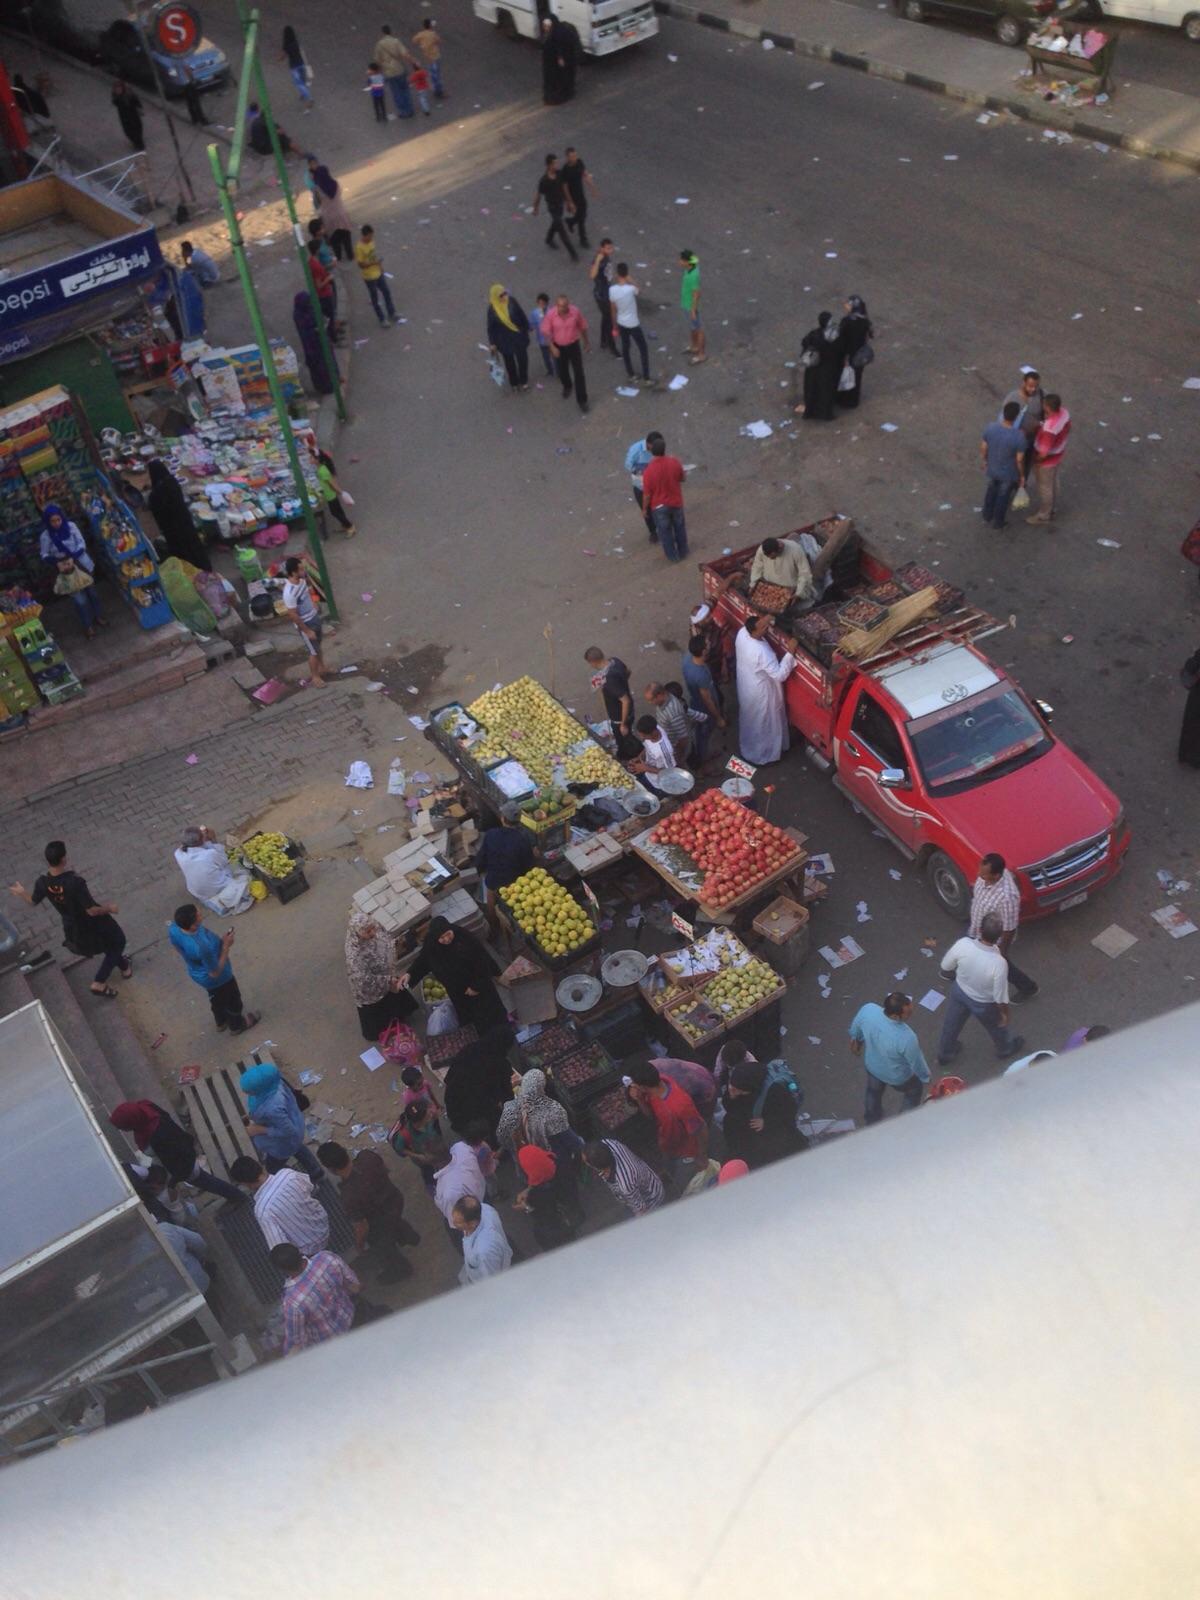 مواطنون بـ«أرض اللواء» يشكون فوضى الباعة الجائلين وألفاظهم الجارحة